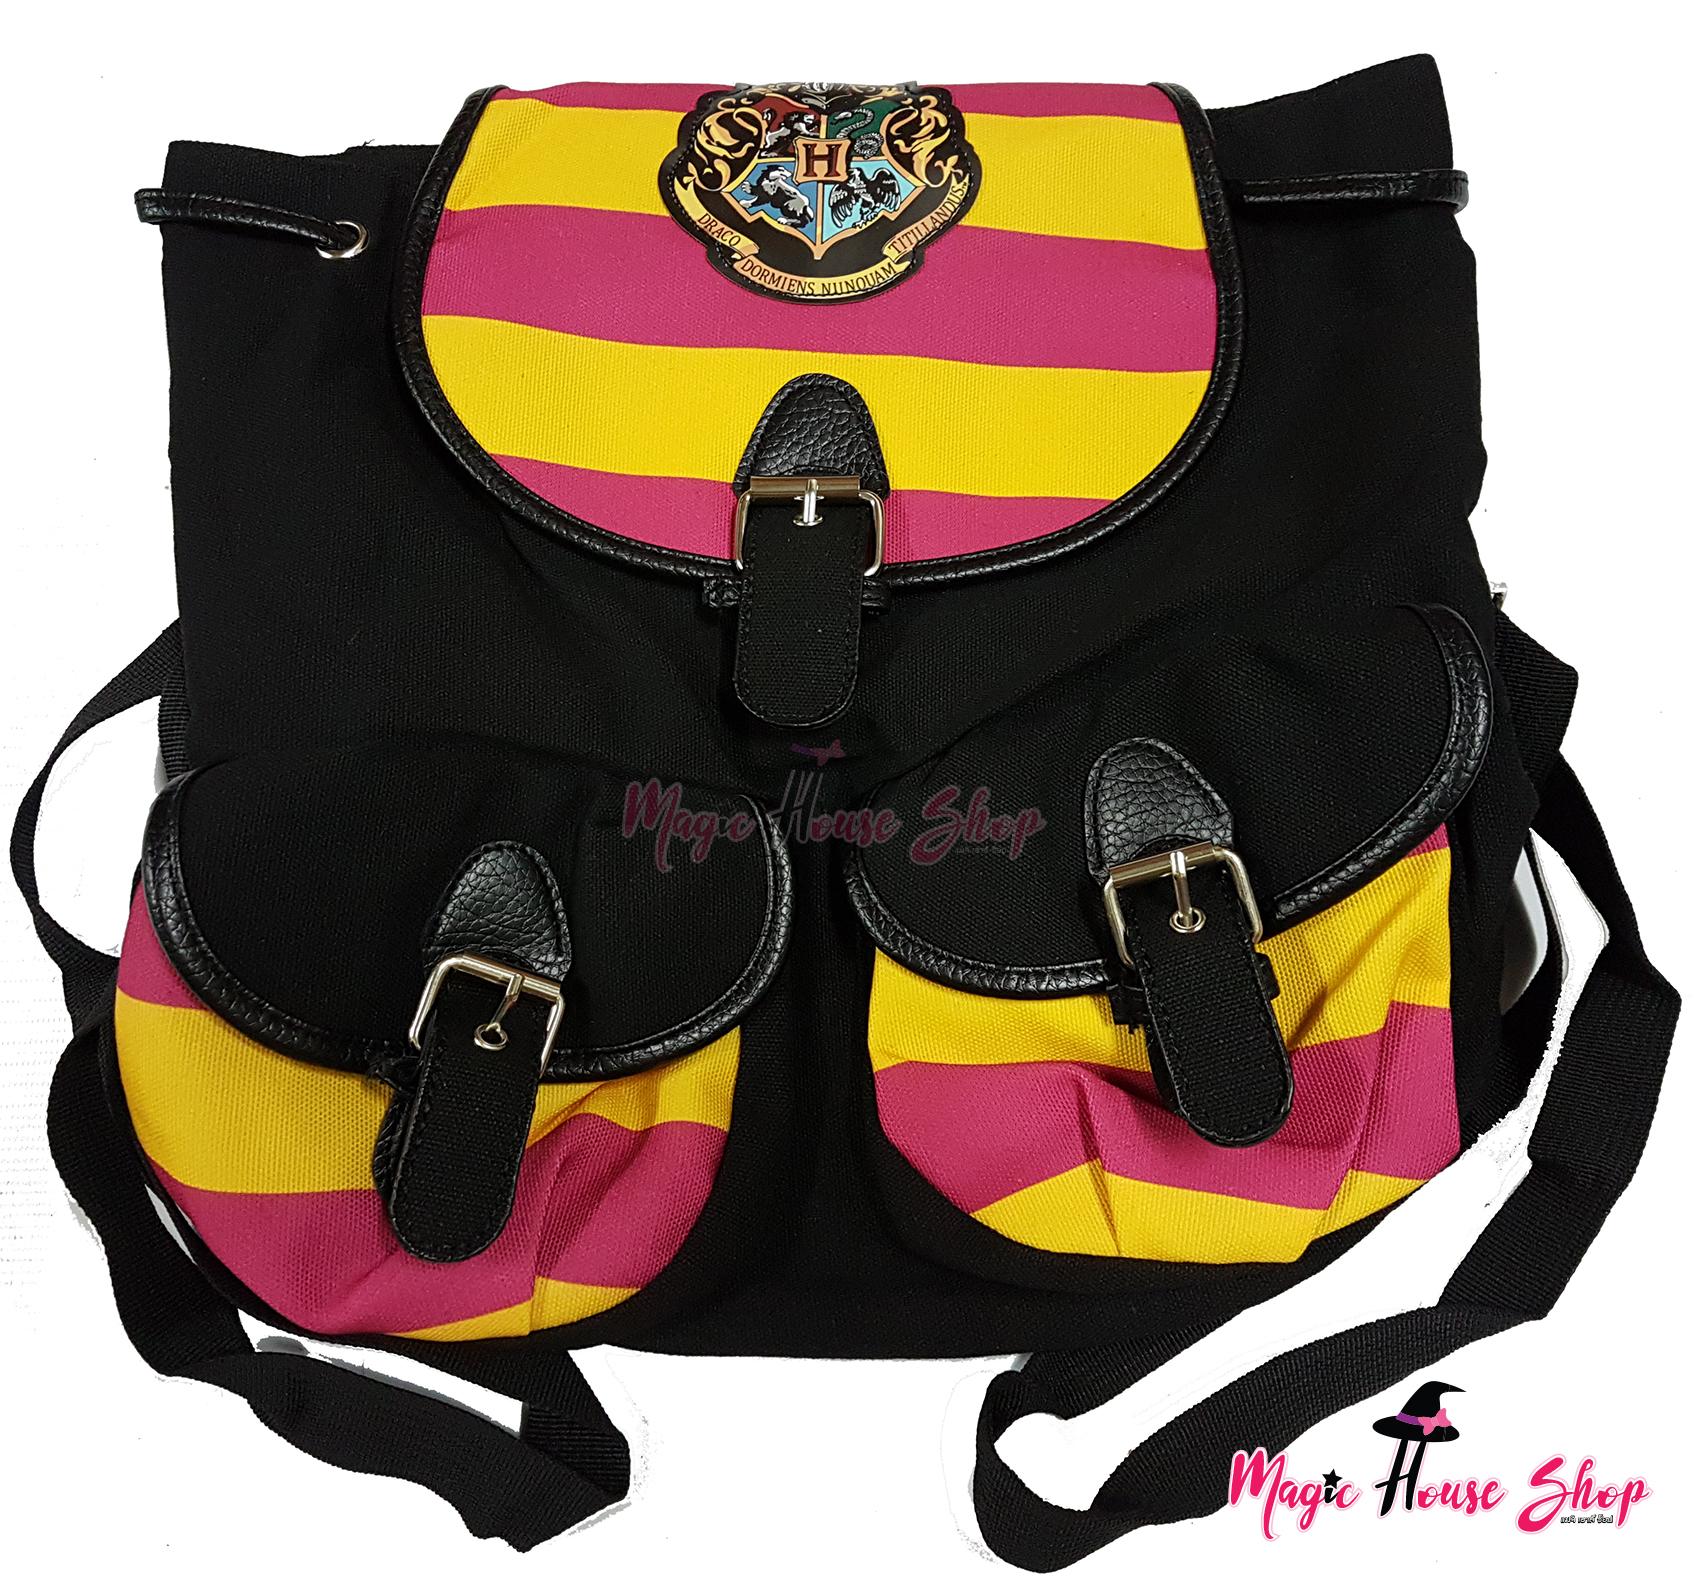 กระเป๋าสะพายหลังฮอกวอตส์สีดำ แทบสีชมพูบานเย็นสลับเหลือง